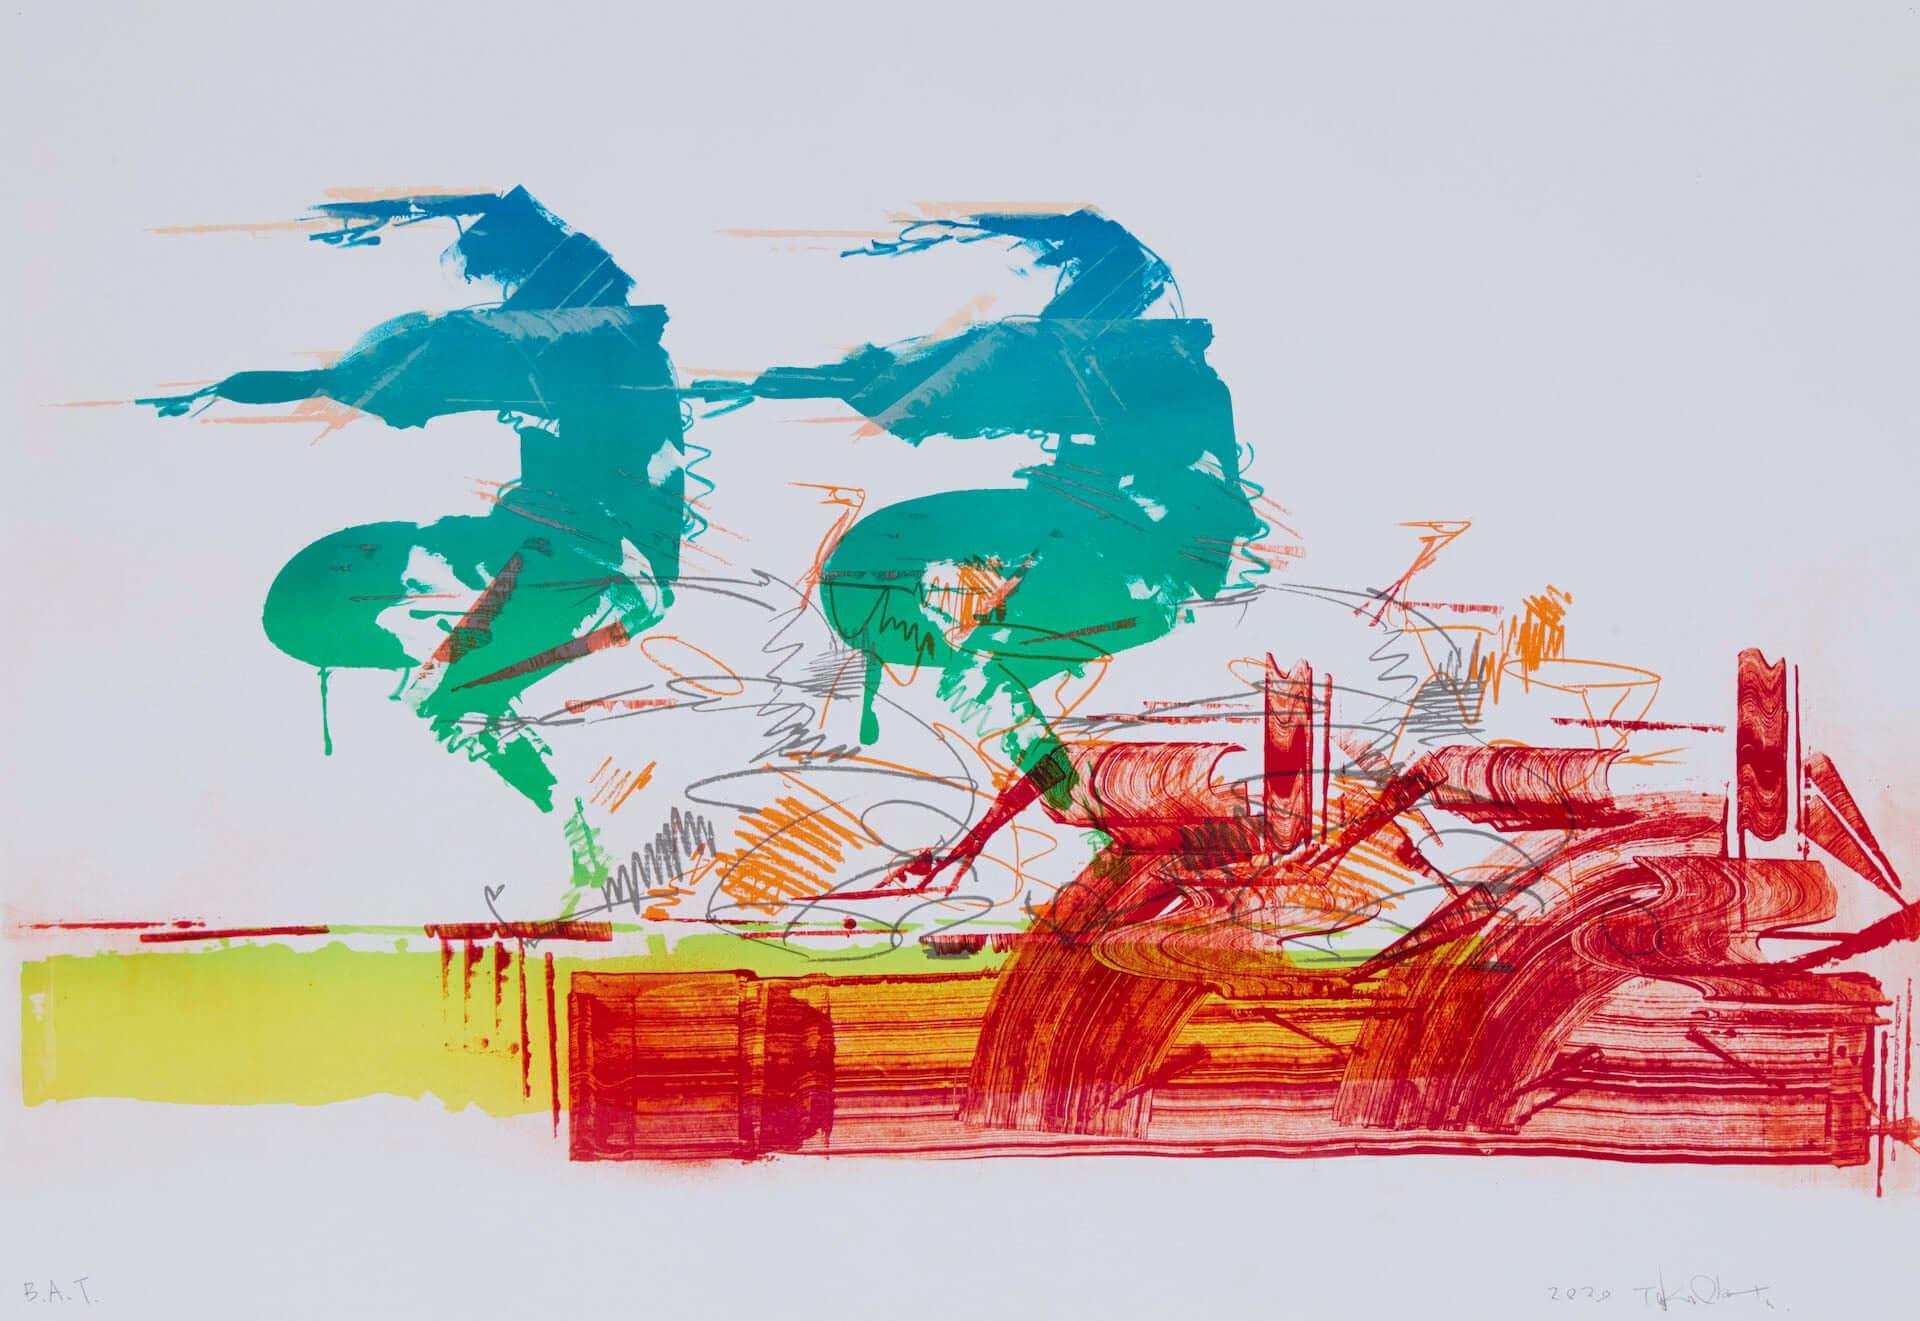 彫刻家・小畑多丘による初の作品集『Spectrum of the Move』が刊行決定!京都「haku kyoto」では記念の個展も開催 art201118_taku-obata_8-1920x1321